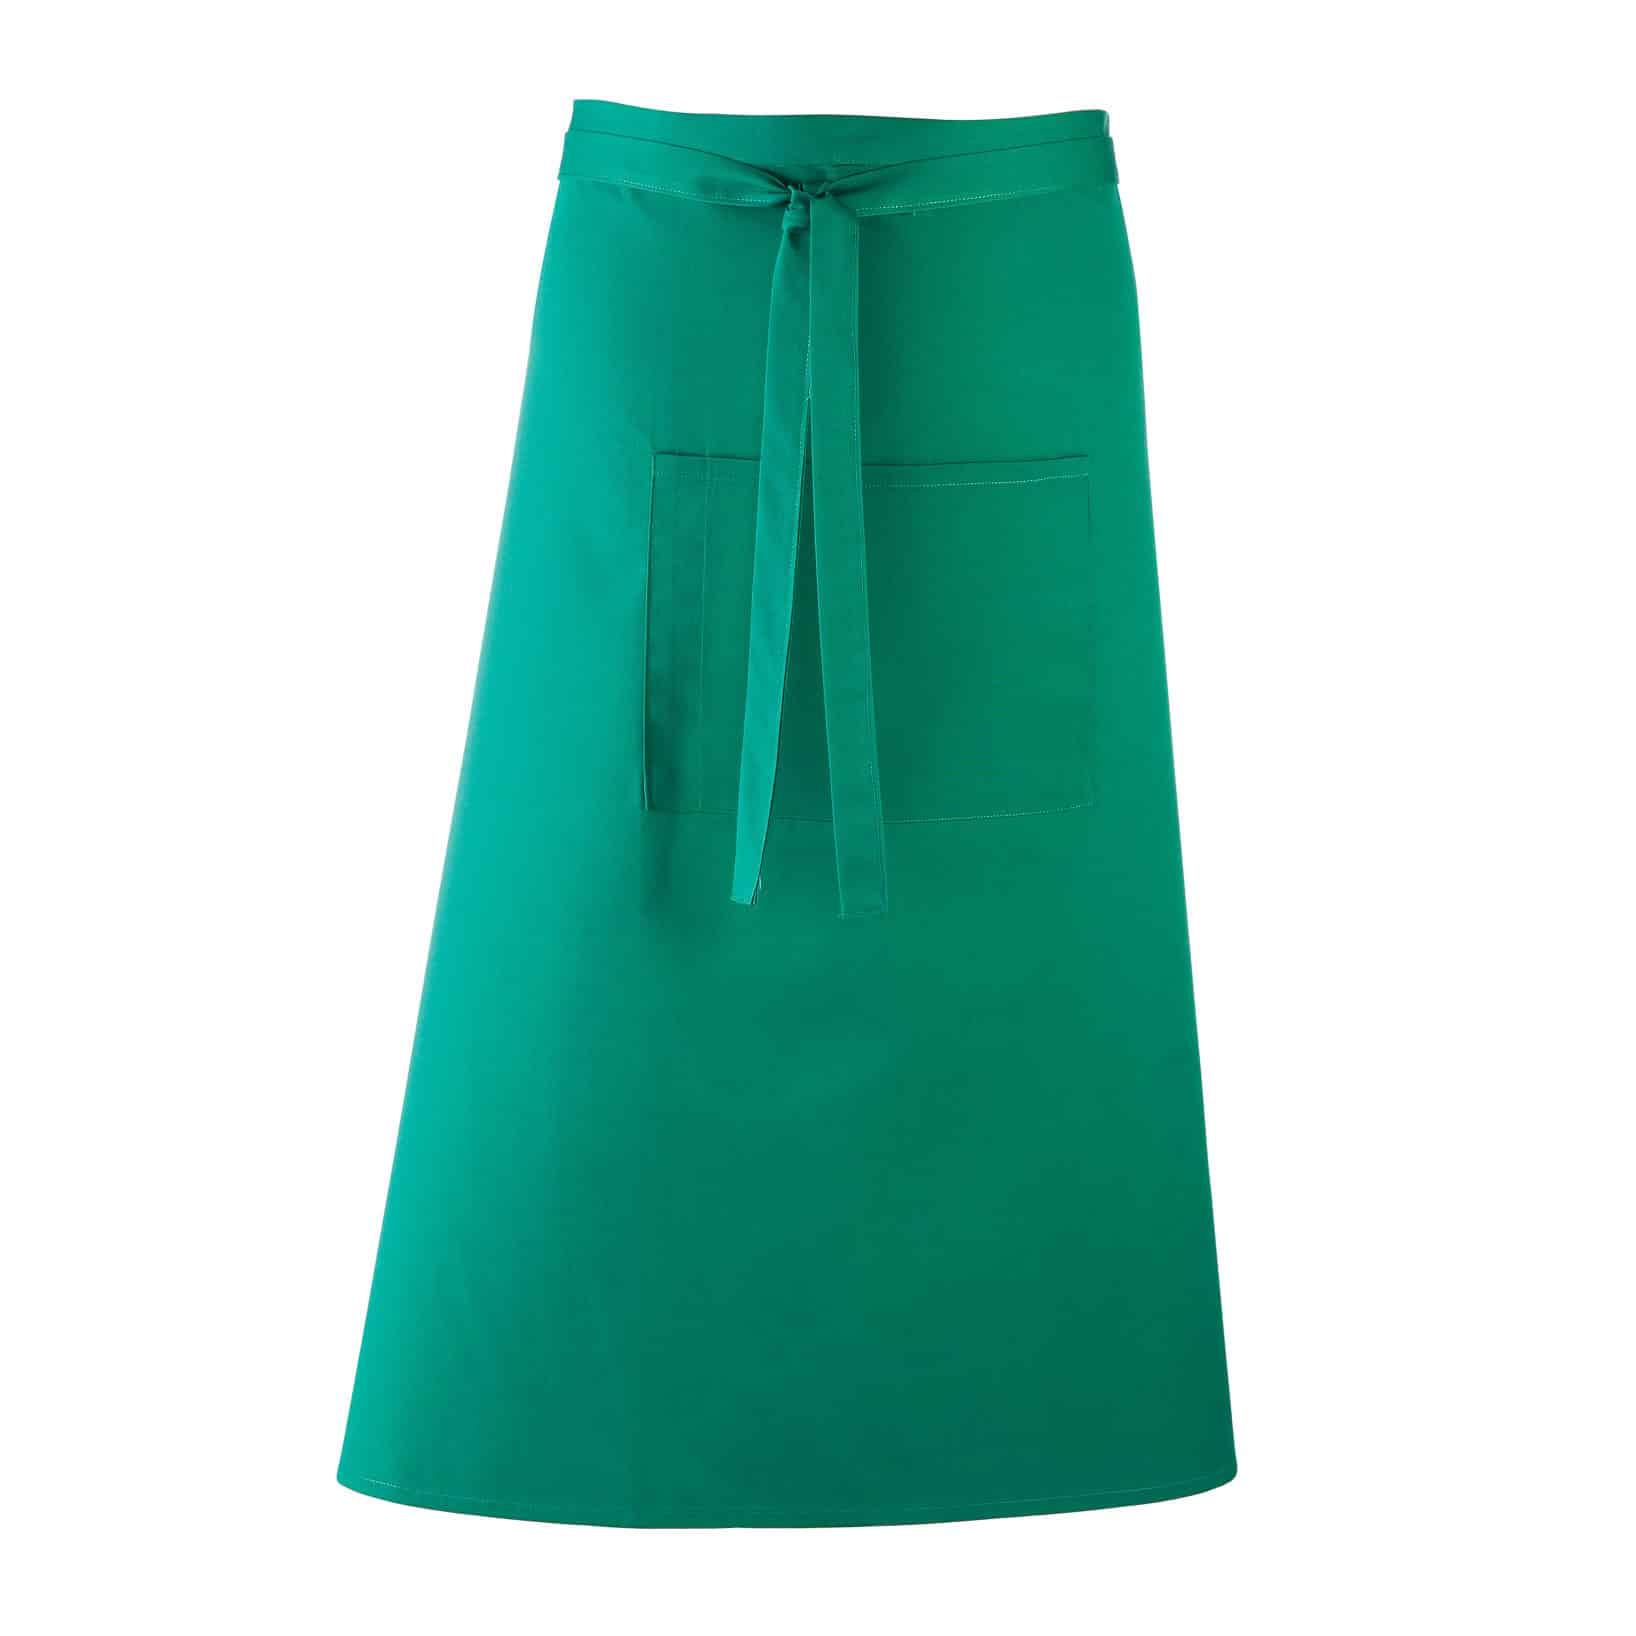 Grembiule da uomo lungo verde in stile bar con grande tasca frontale